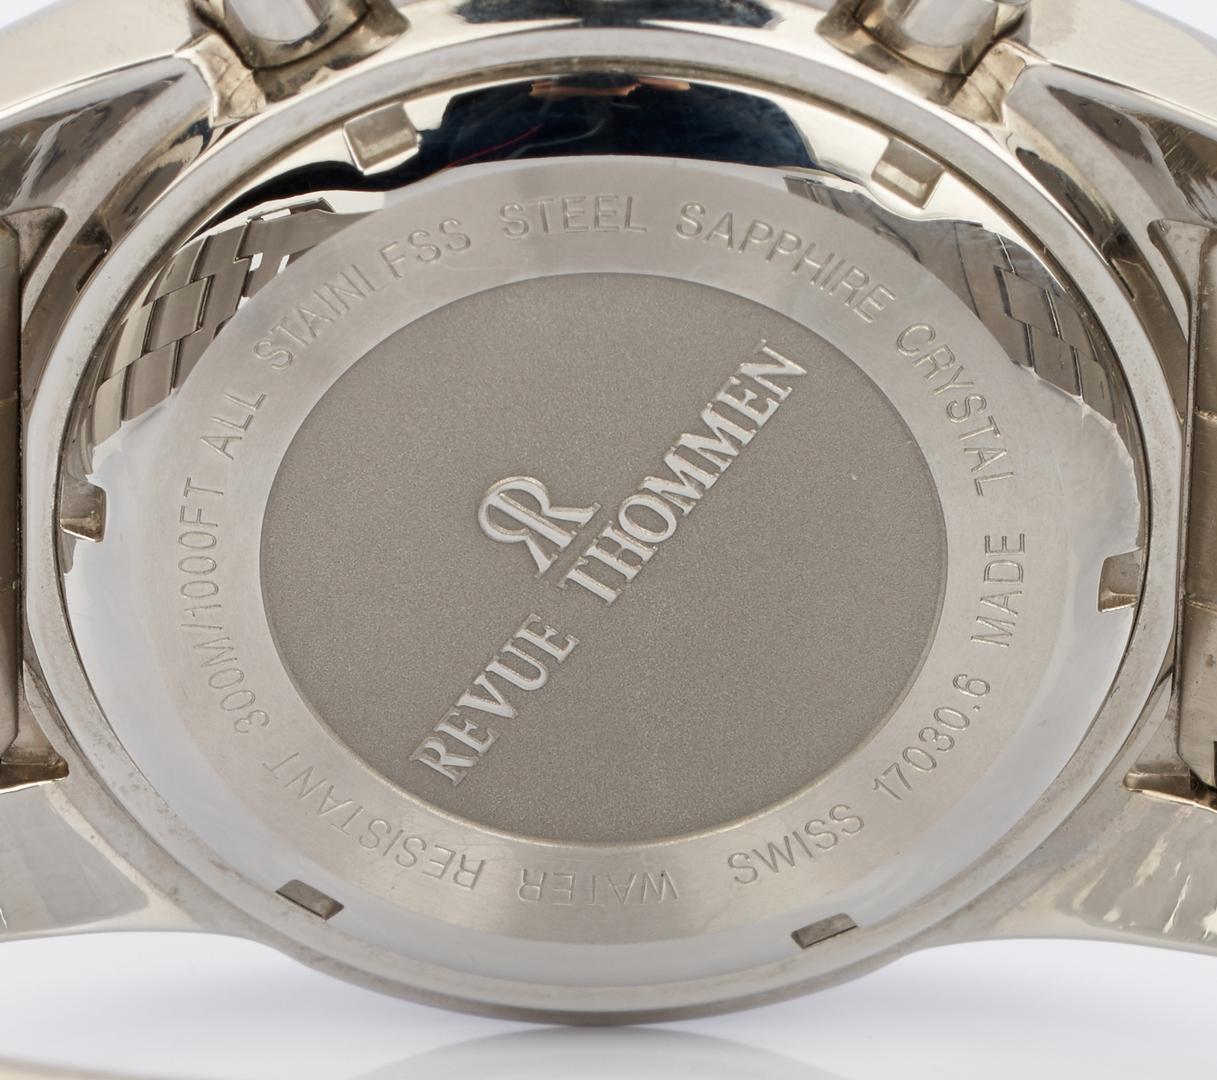 Lot 716: Men's Revue Thommen Diver Professional Automatic Chronograph